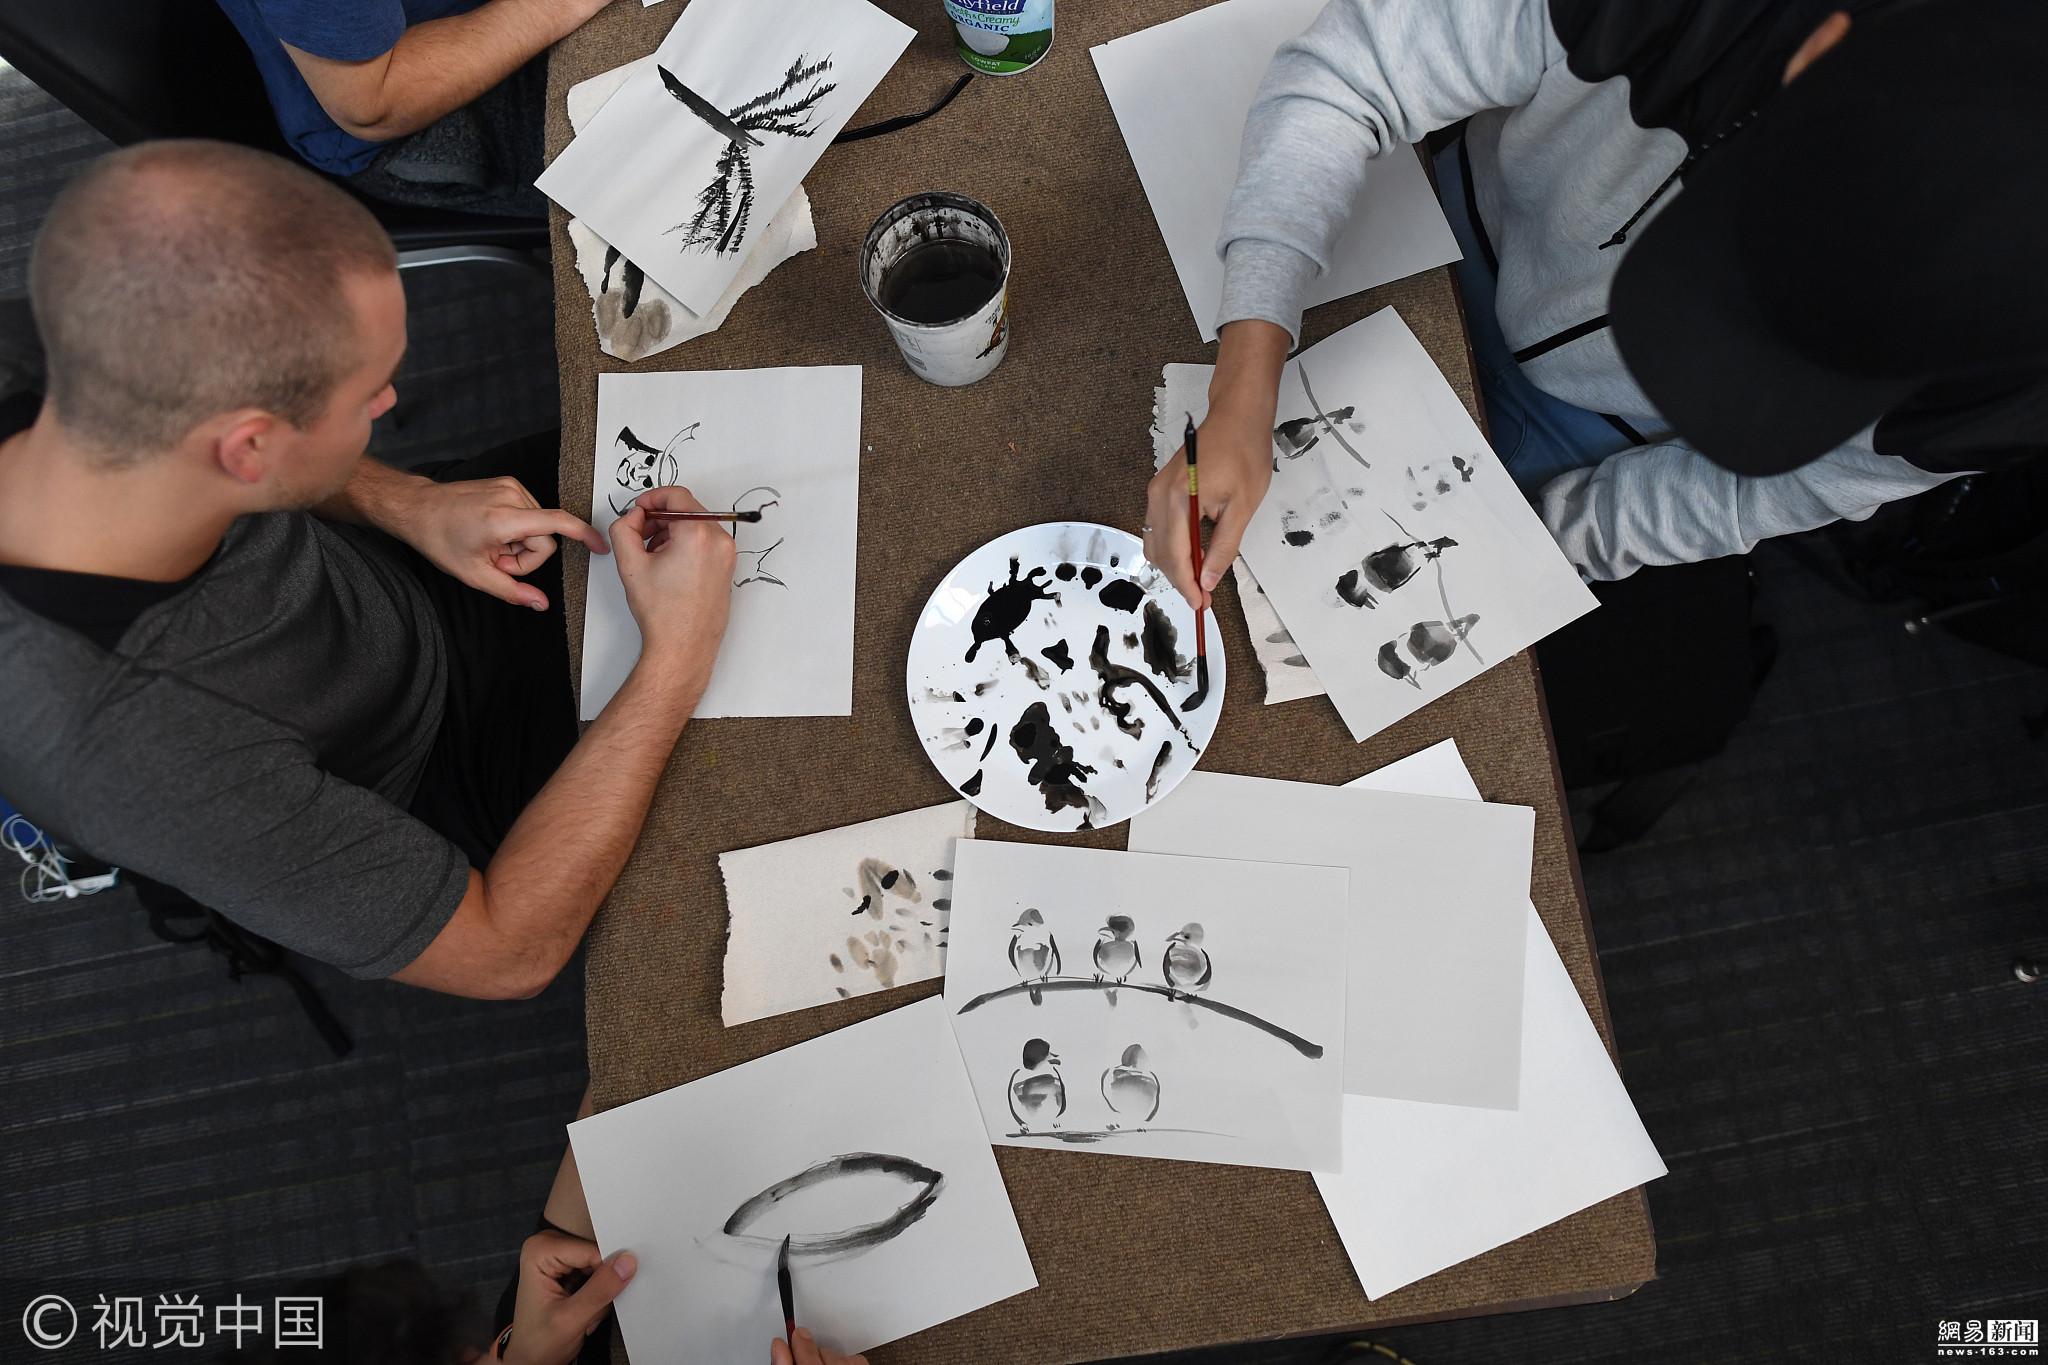 中国传统文化走进美国校园 学生练习水墨画